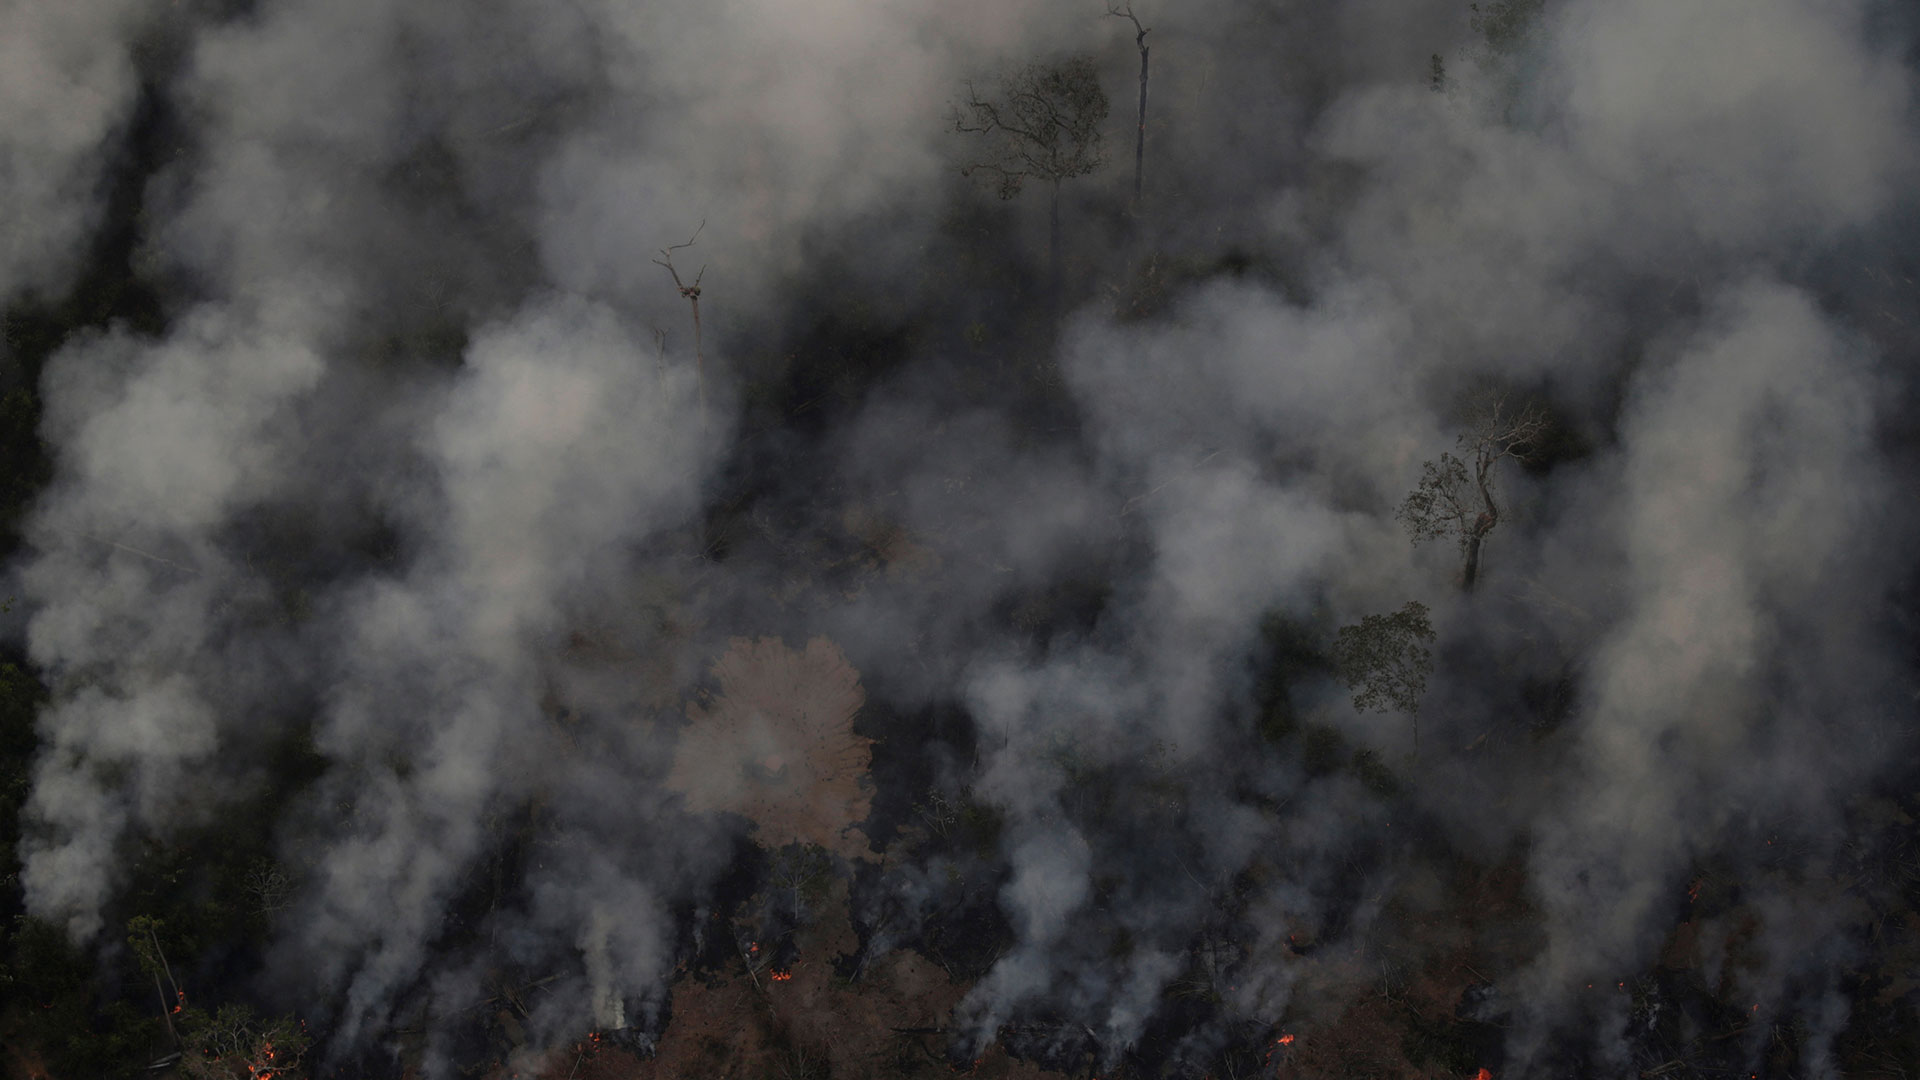 El INPE precisó que entre el 1 de enero y el 18 de agosto ha registrado 71.497 focos de incendio en el país y que un 52,5% se sitúan en la región amazónica (Reuters)